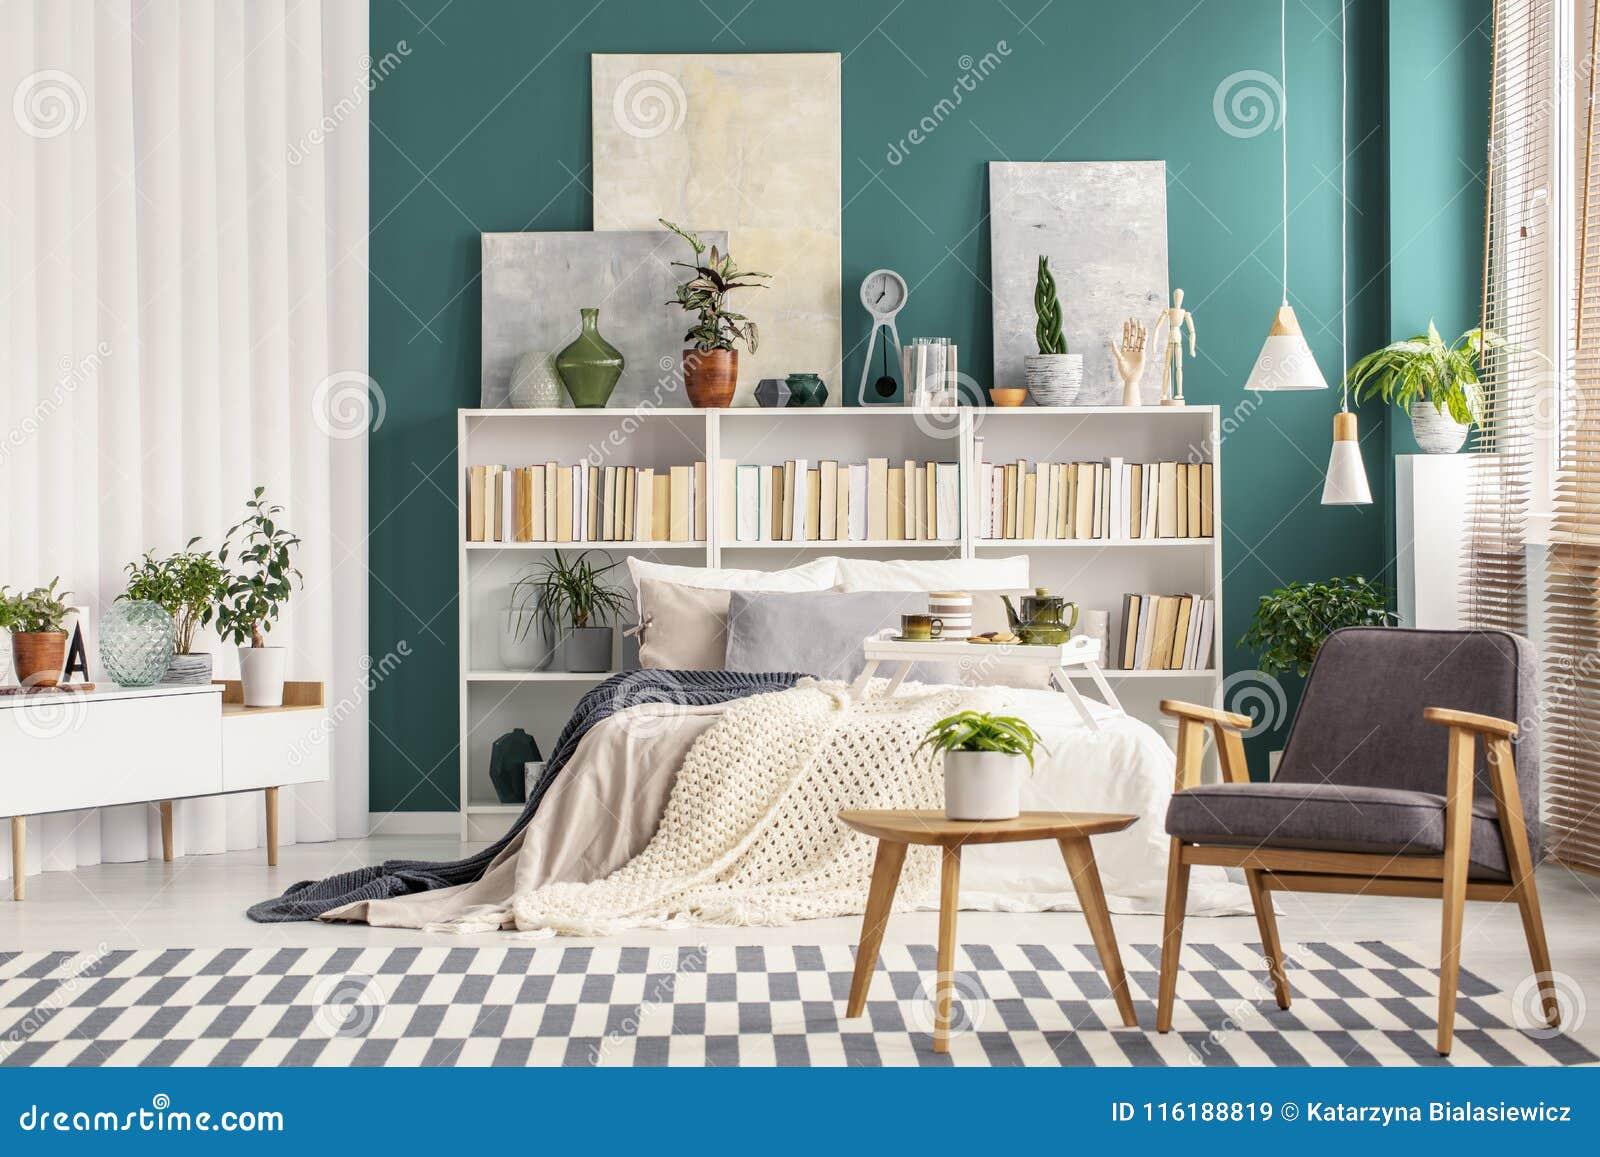 Camera Da Letto Verde Smeraldo : Parete di verde smeraldo in camera da letto immagine stock